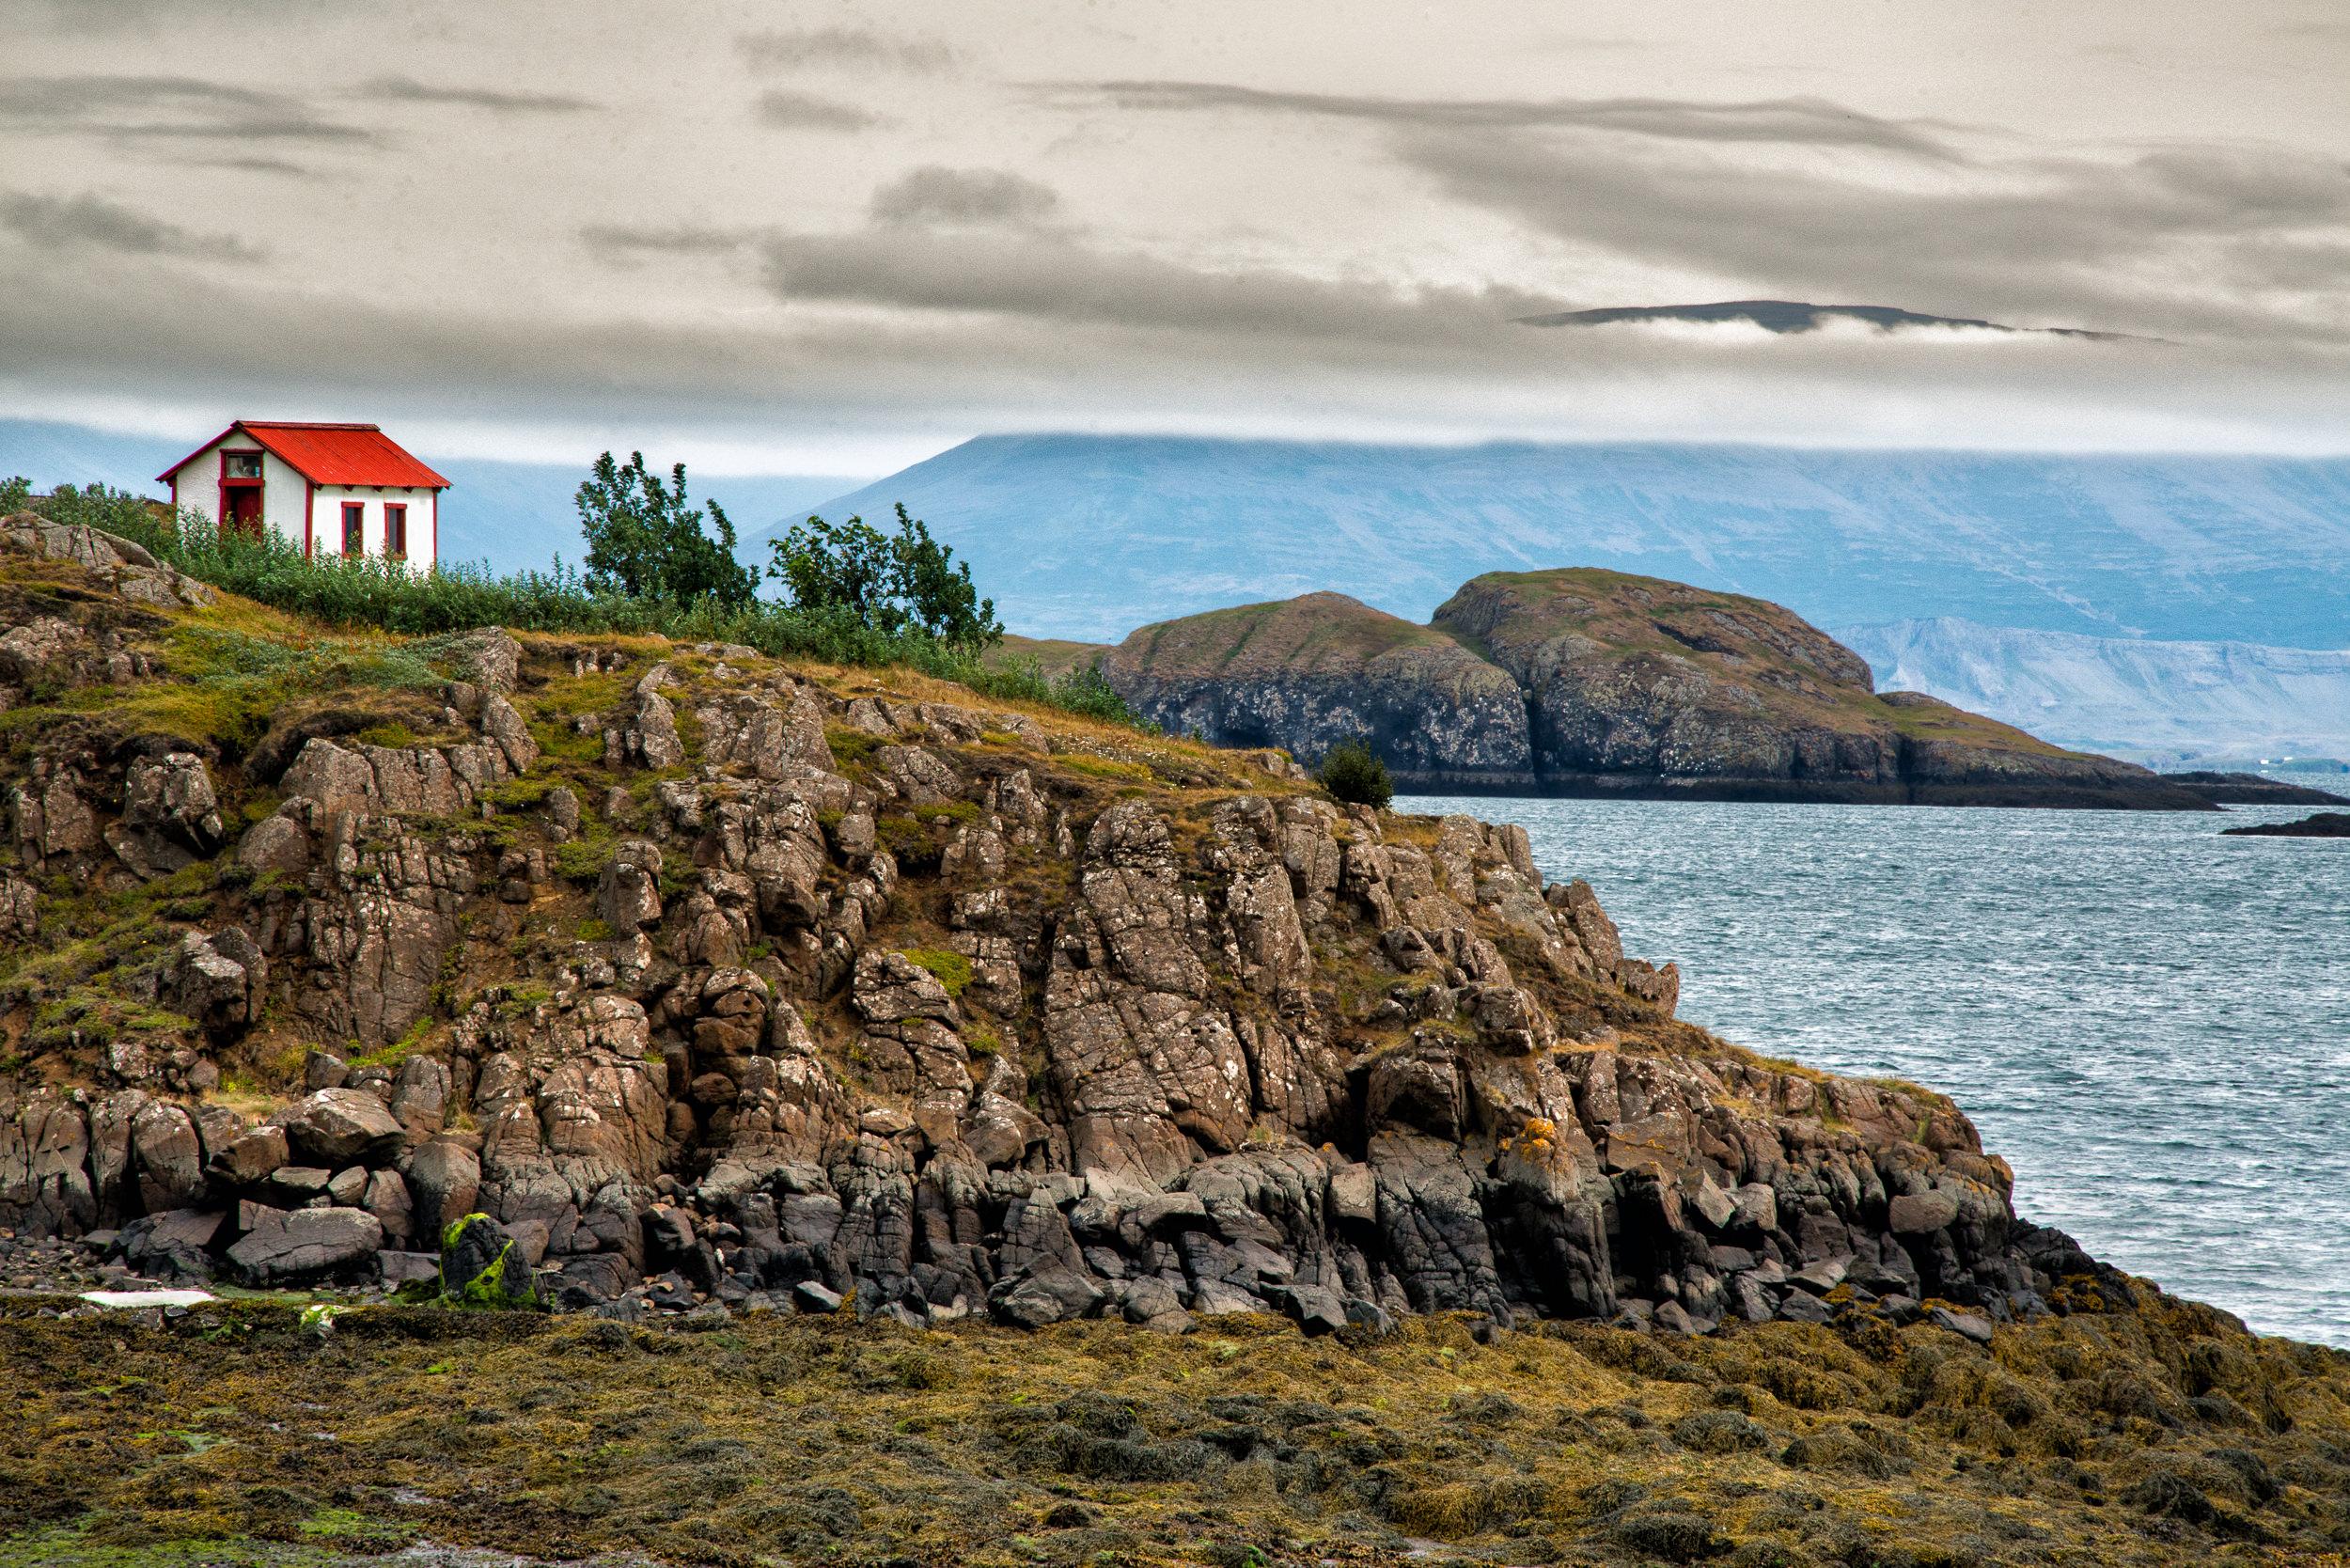 [2012 08 12] Iceland Snaefellsas1 NIKON D800 (4093)-Edit-Edit.jpg